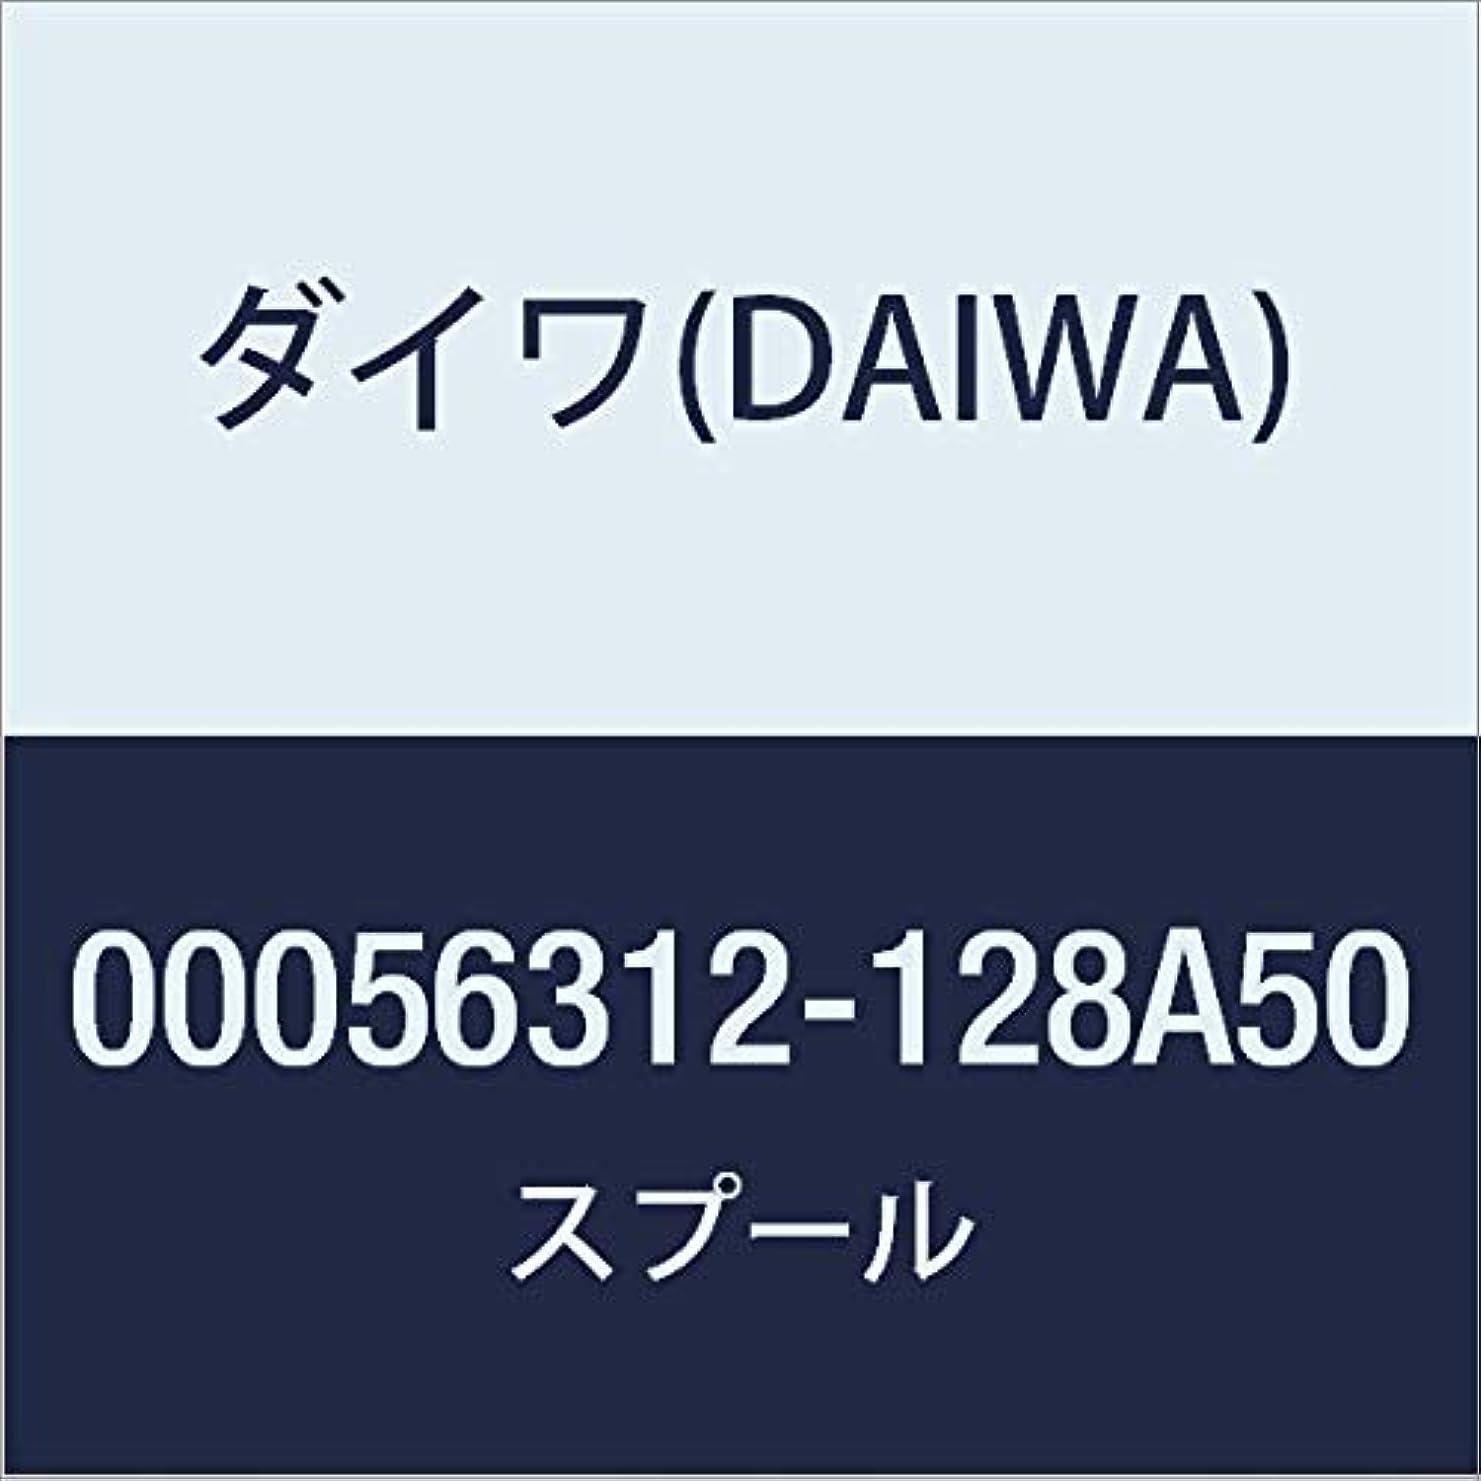 頻繁に振り返る野生ダイワ(DAIWA) 純正パーツ 16 セルテート HD 3500SH スプール (2-7) 部品番号 7 部品コード 128A50 00056312128A50